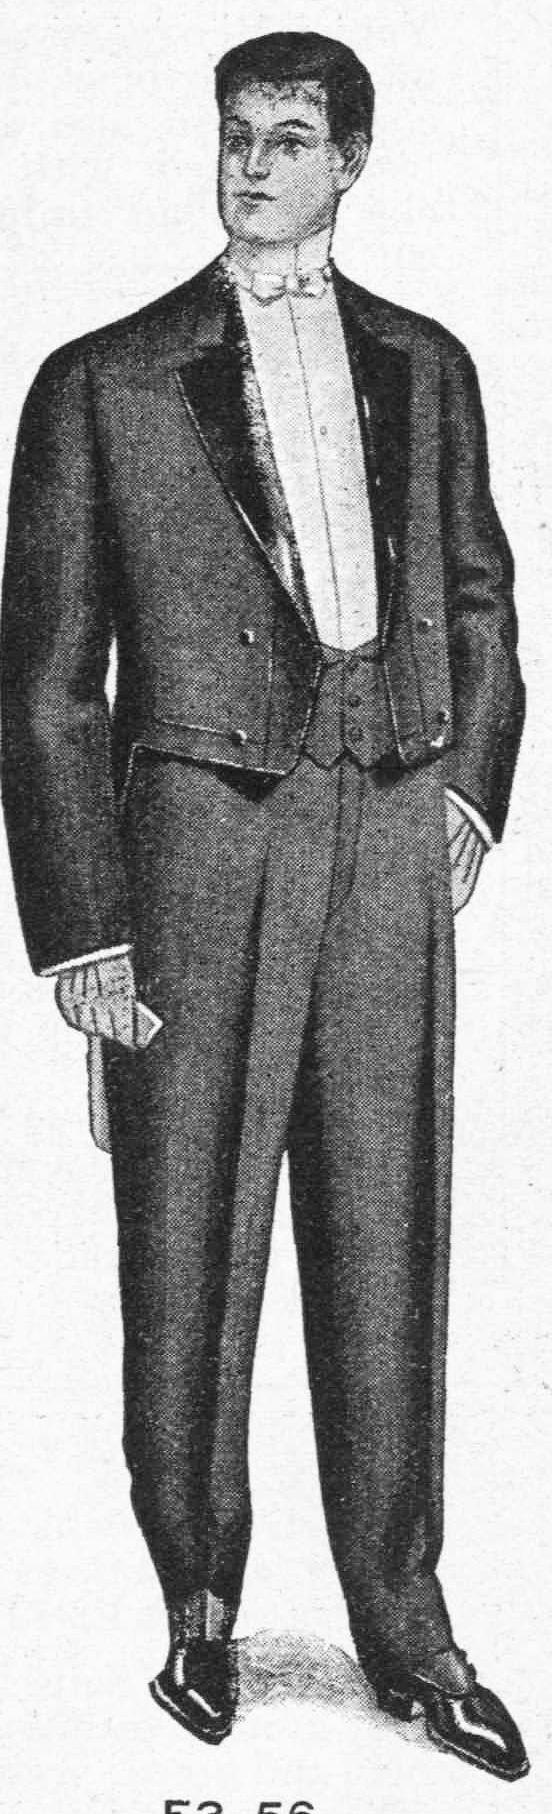 mens suit-eatons-eatons190700eatouoft_0071-crop2